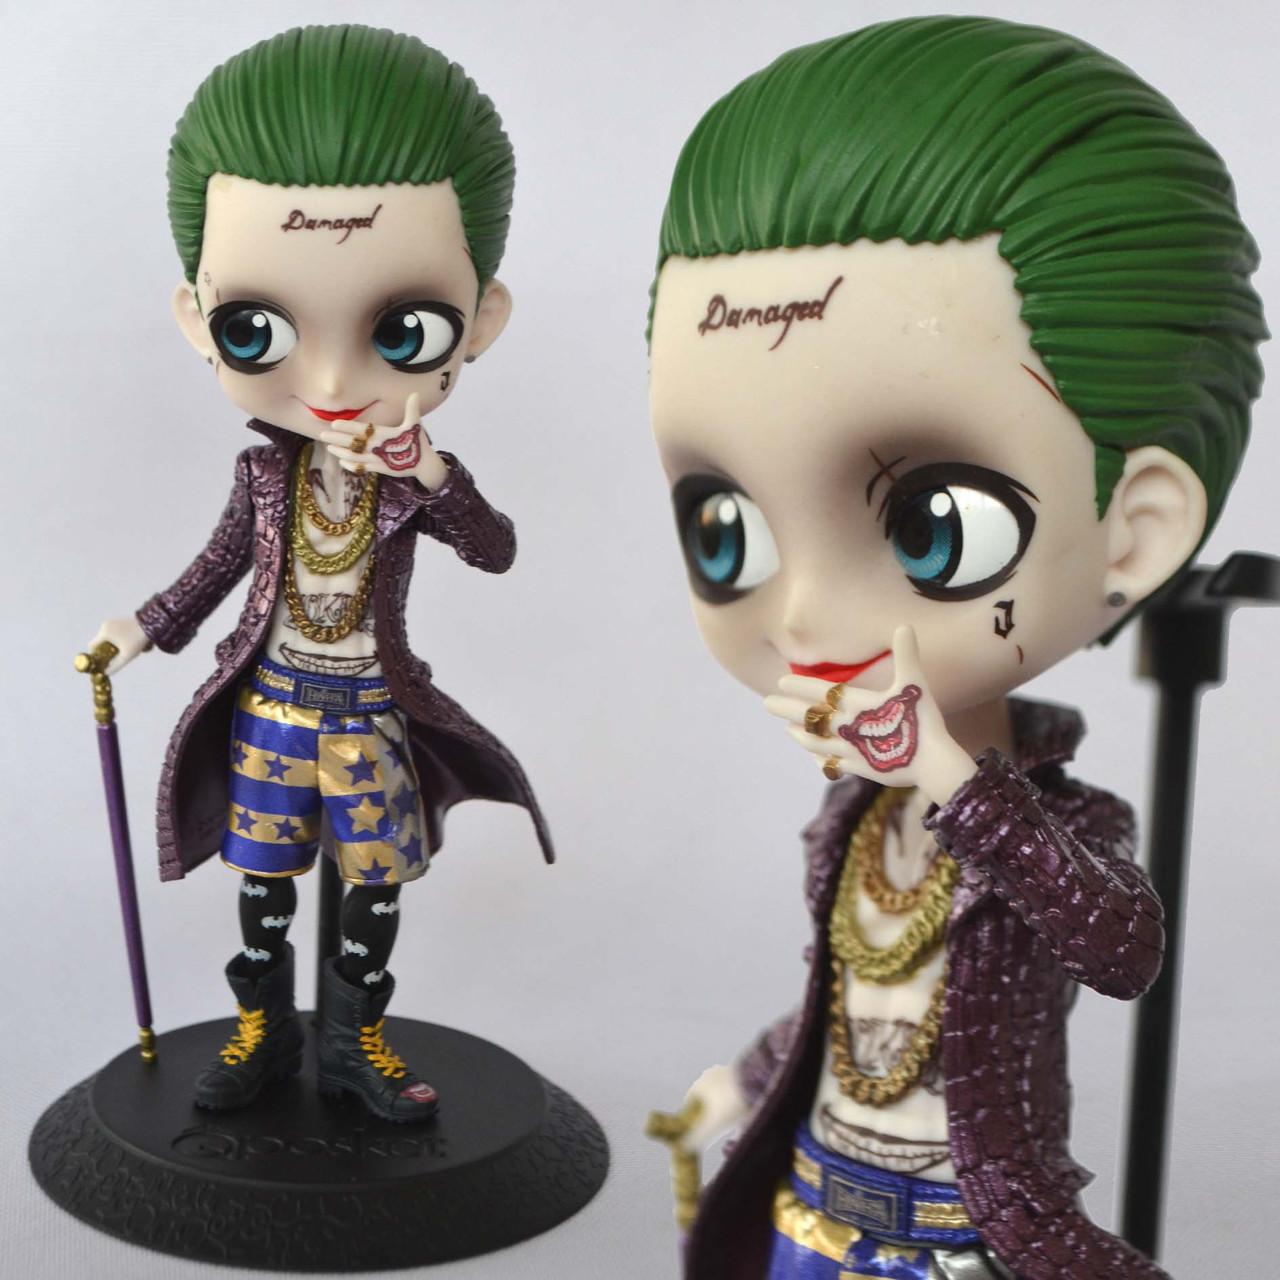 Аніме-фігурка Suicide Squad - Joker - Normal color Ver. Q Posket